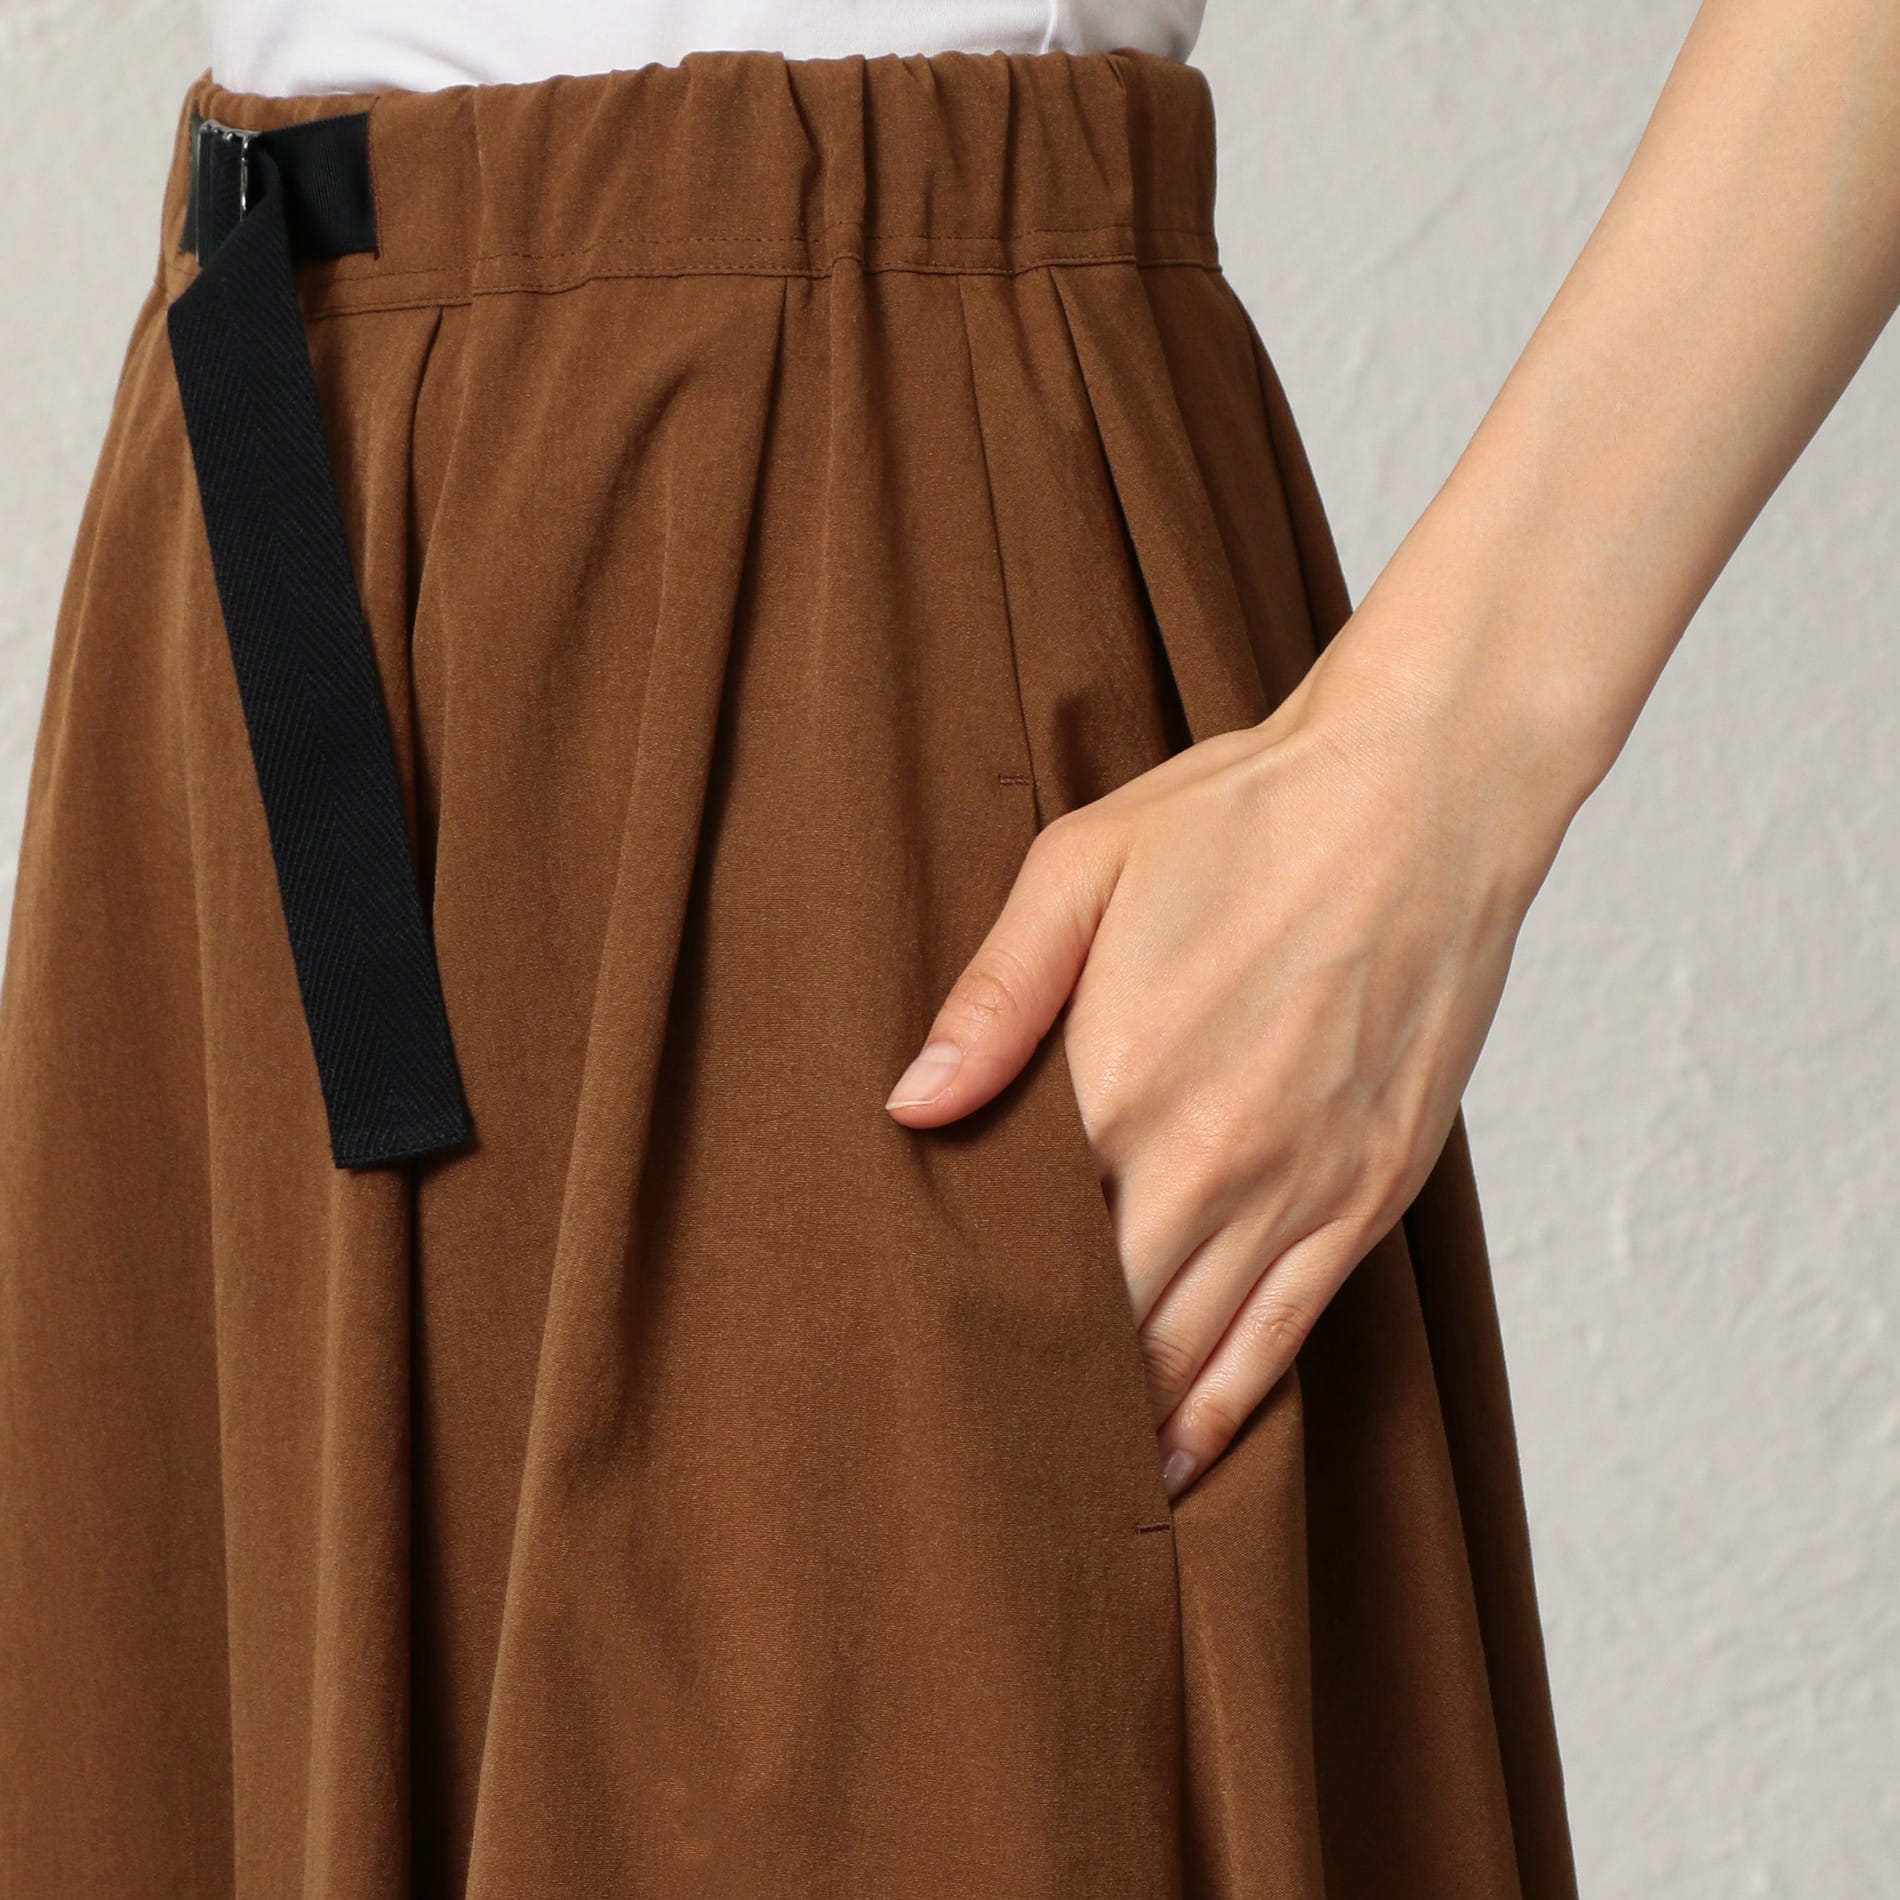 ツイストストレッチ スカート